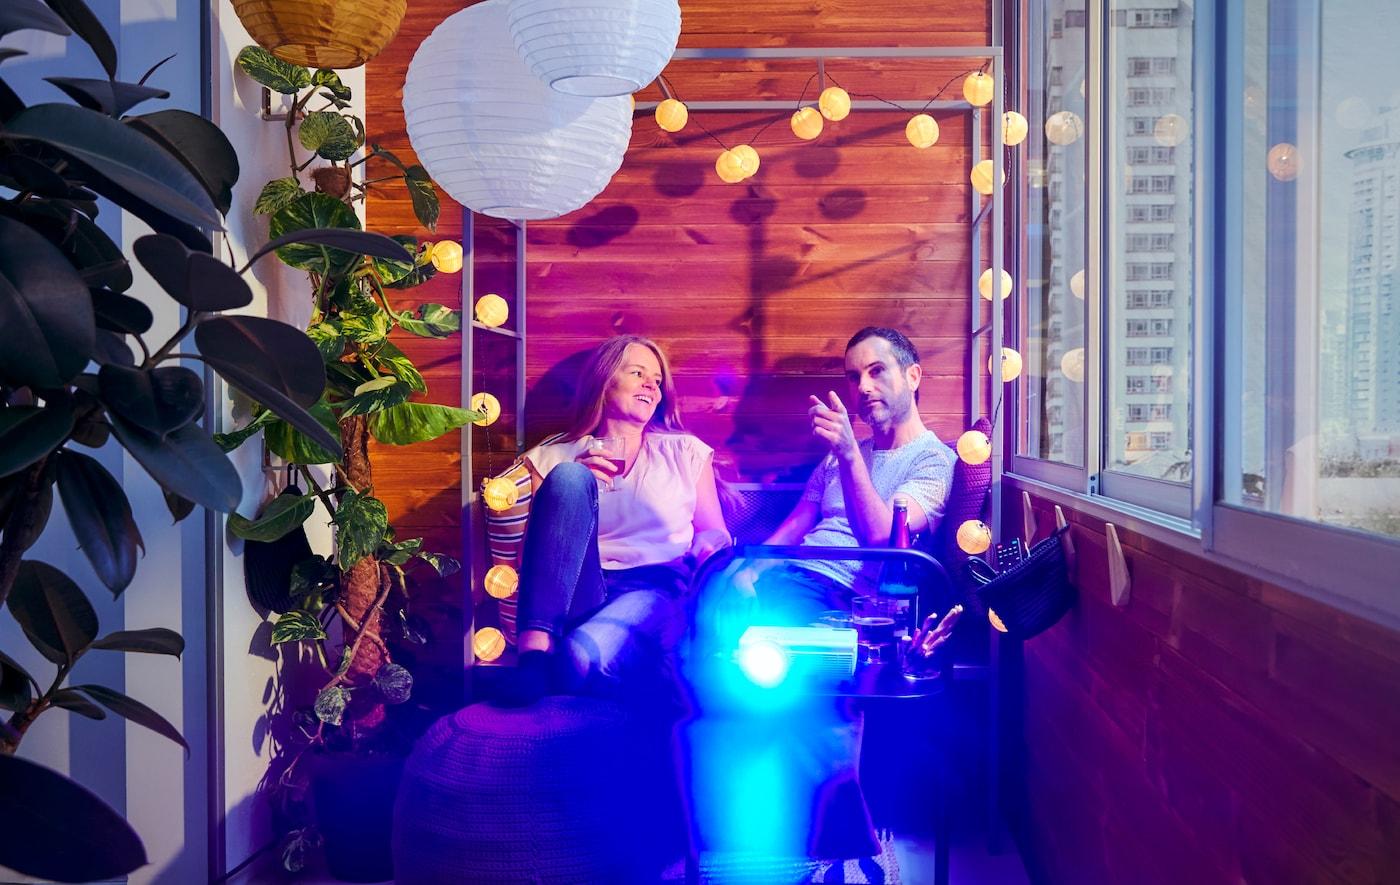 Una donna e un uomo in balcone seduti su una panca con pergola SVANÖ, con un proiettore acceso posizionato su un tavolino davanti a loro - IKEA